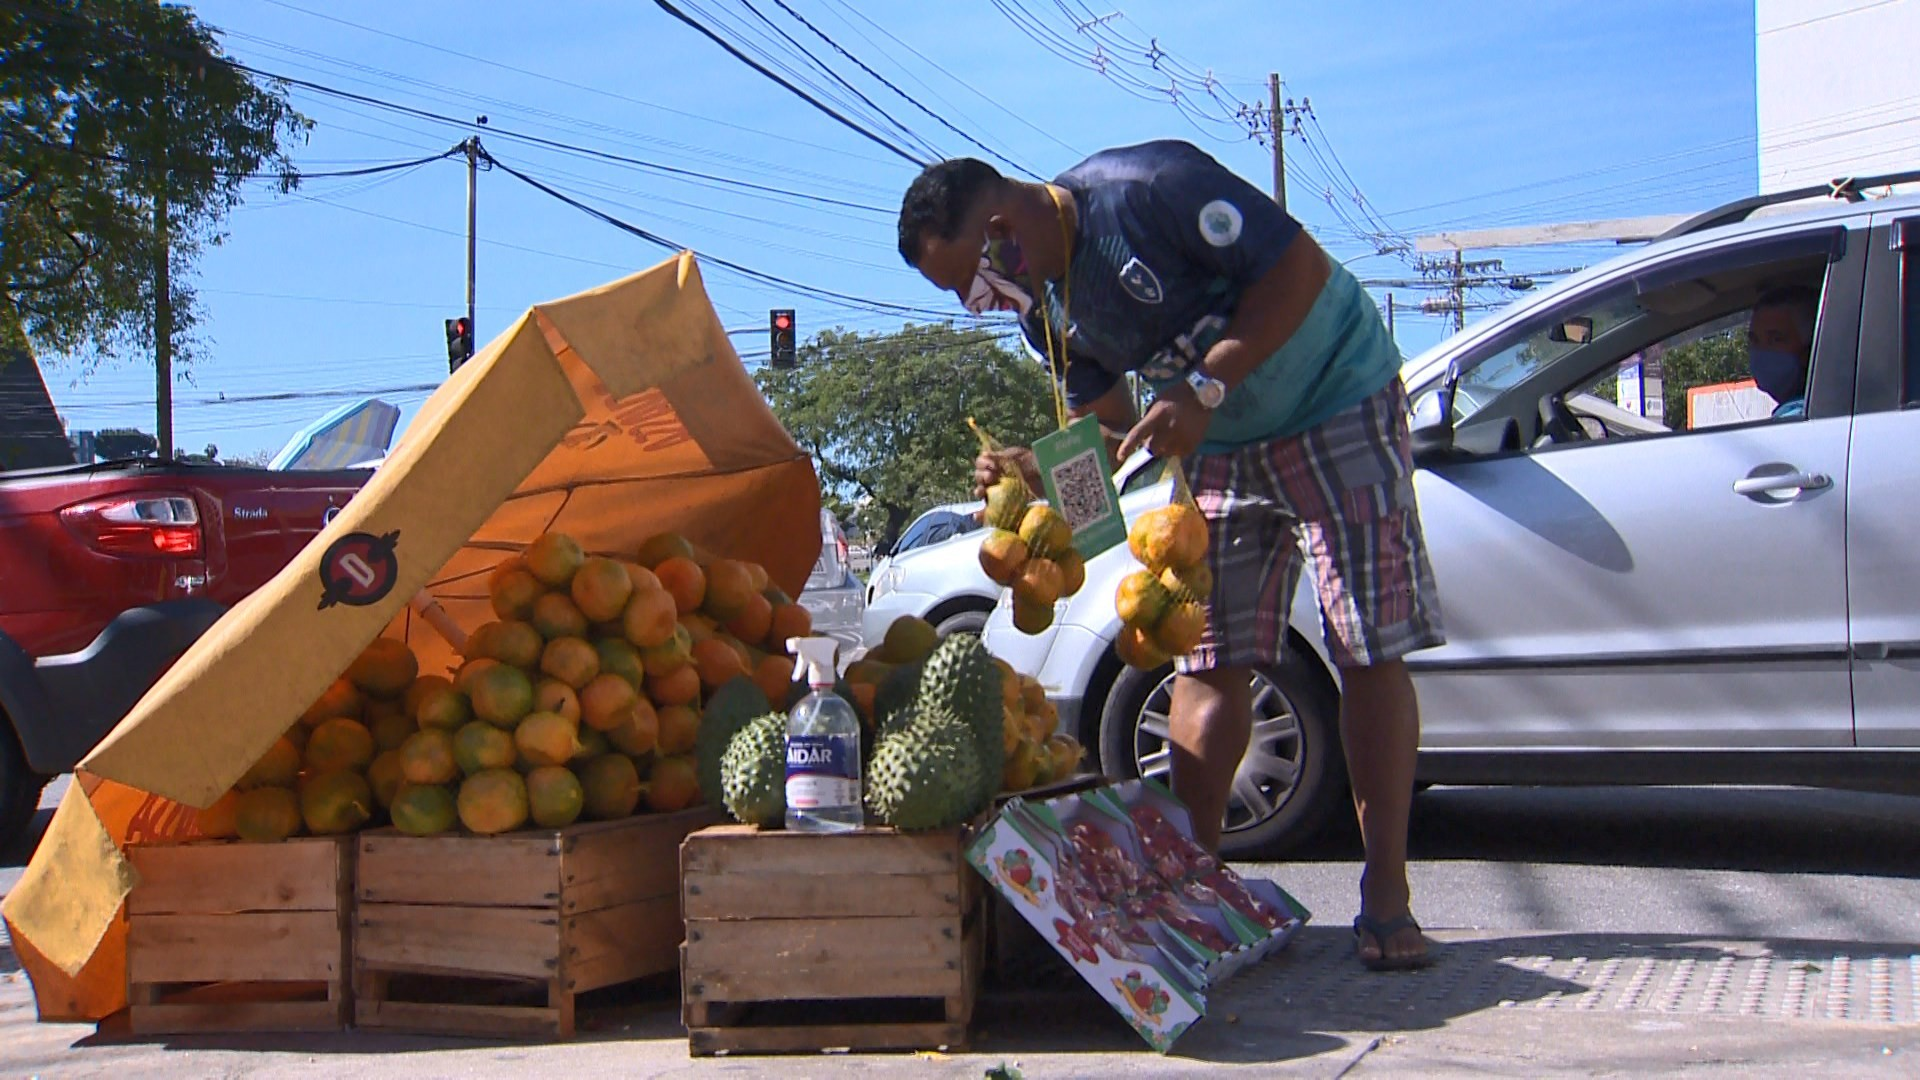 Com vendas reduzidas, ambulantes lutam para garantir sustento nos semáforos de Vitória